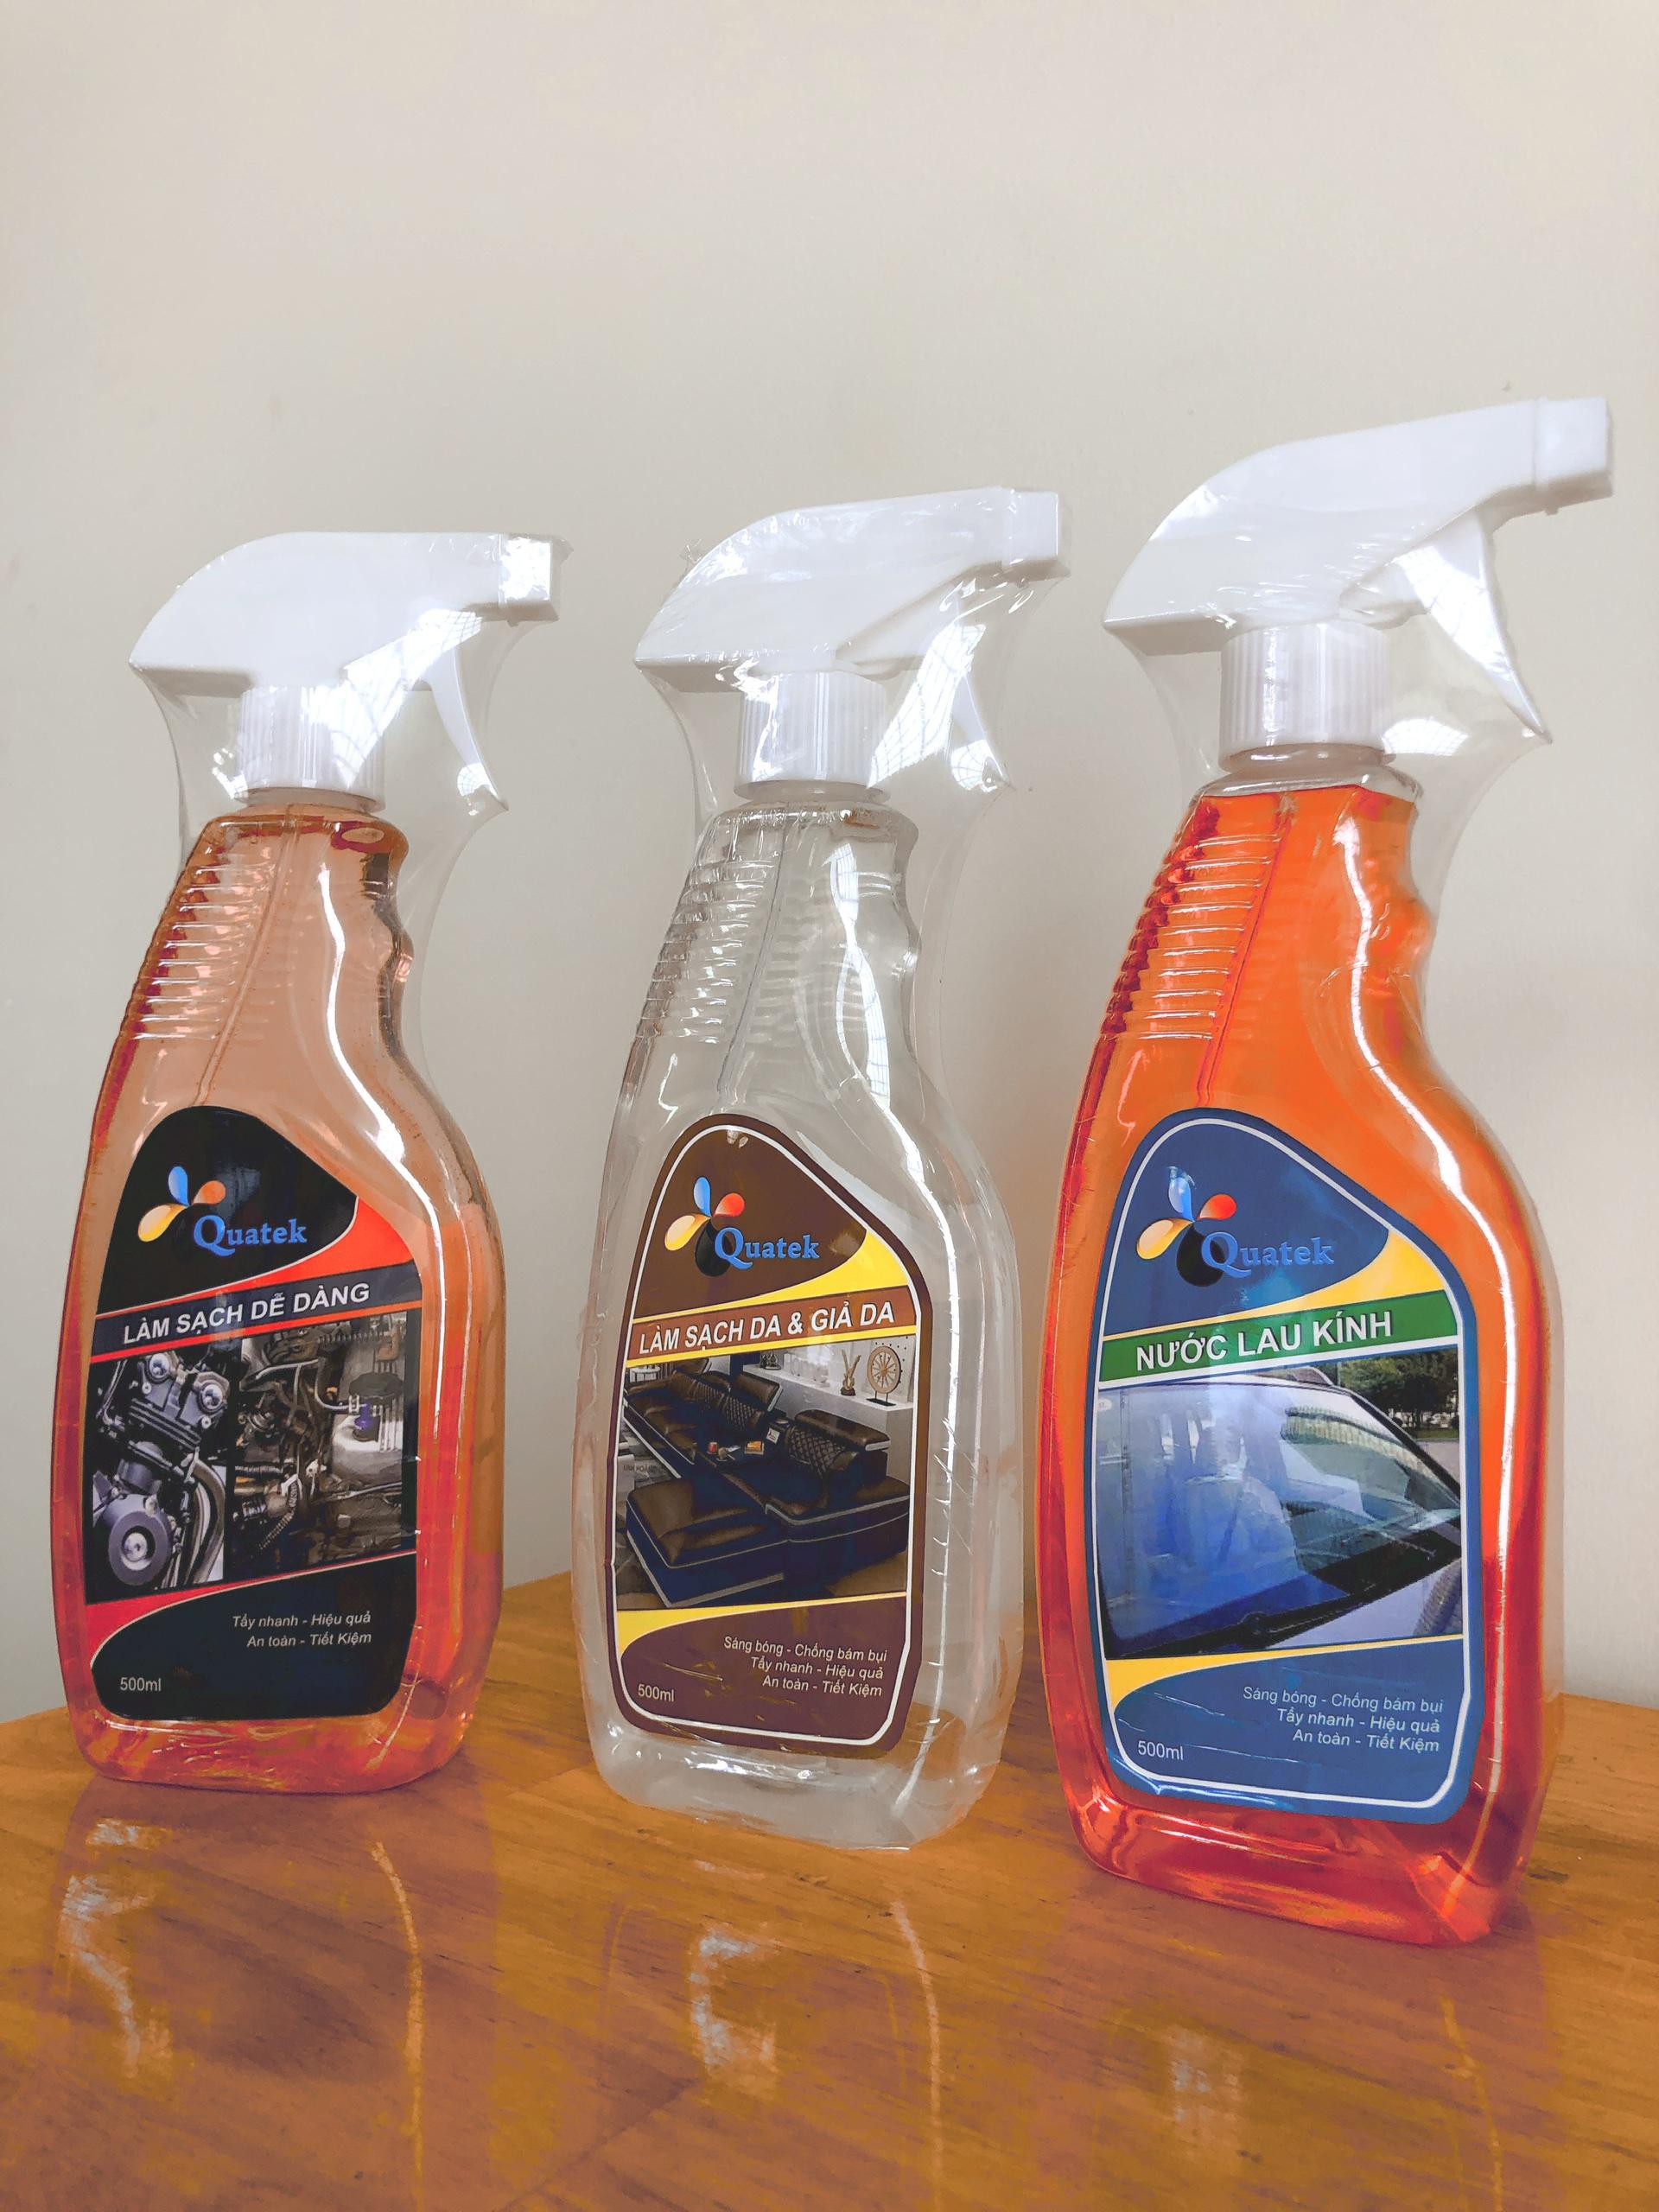 Quatek – Quang Thuật.,Ltd cung cấp thiết bị, dụng cụ bình xịt tẩy rửa bề mặt kính, thủy tinh, chai xịt làm sạch da